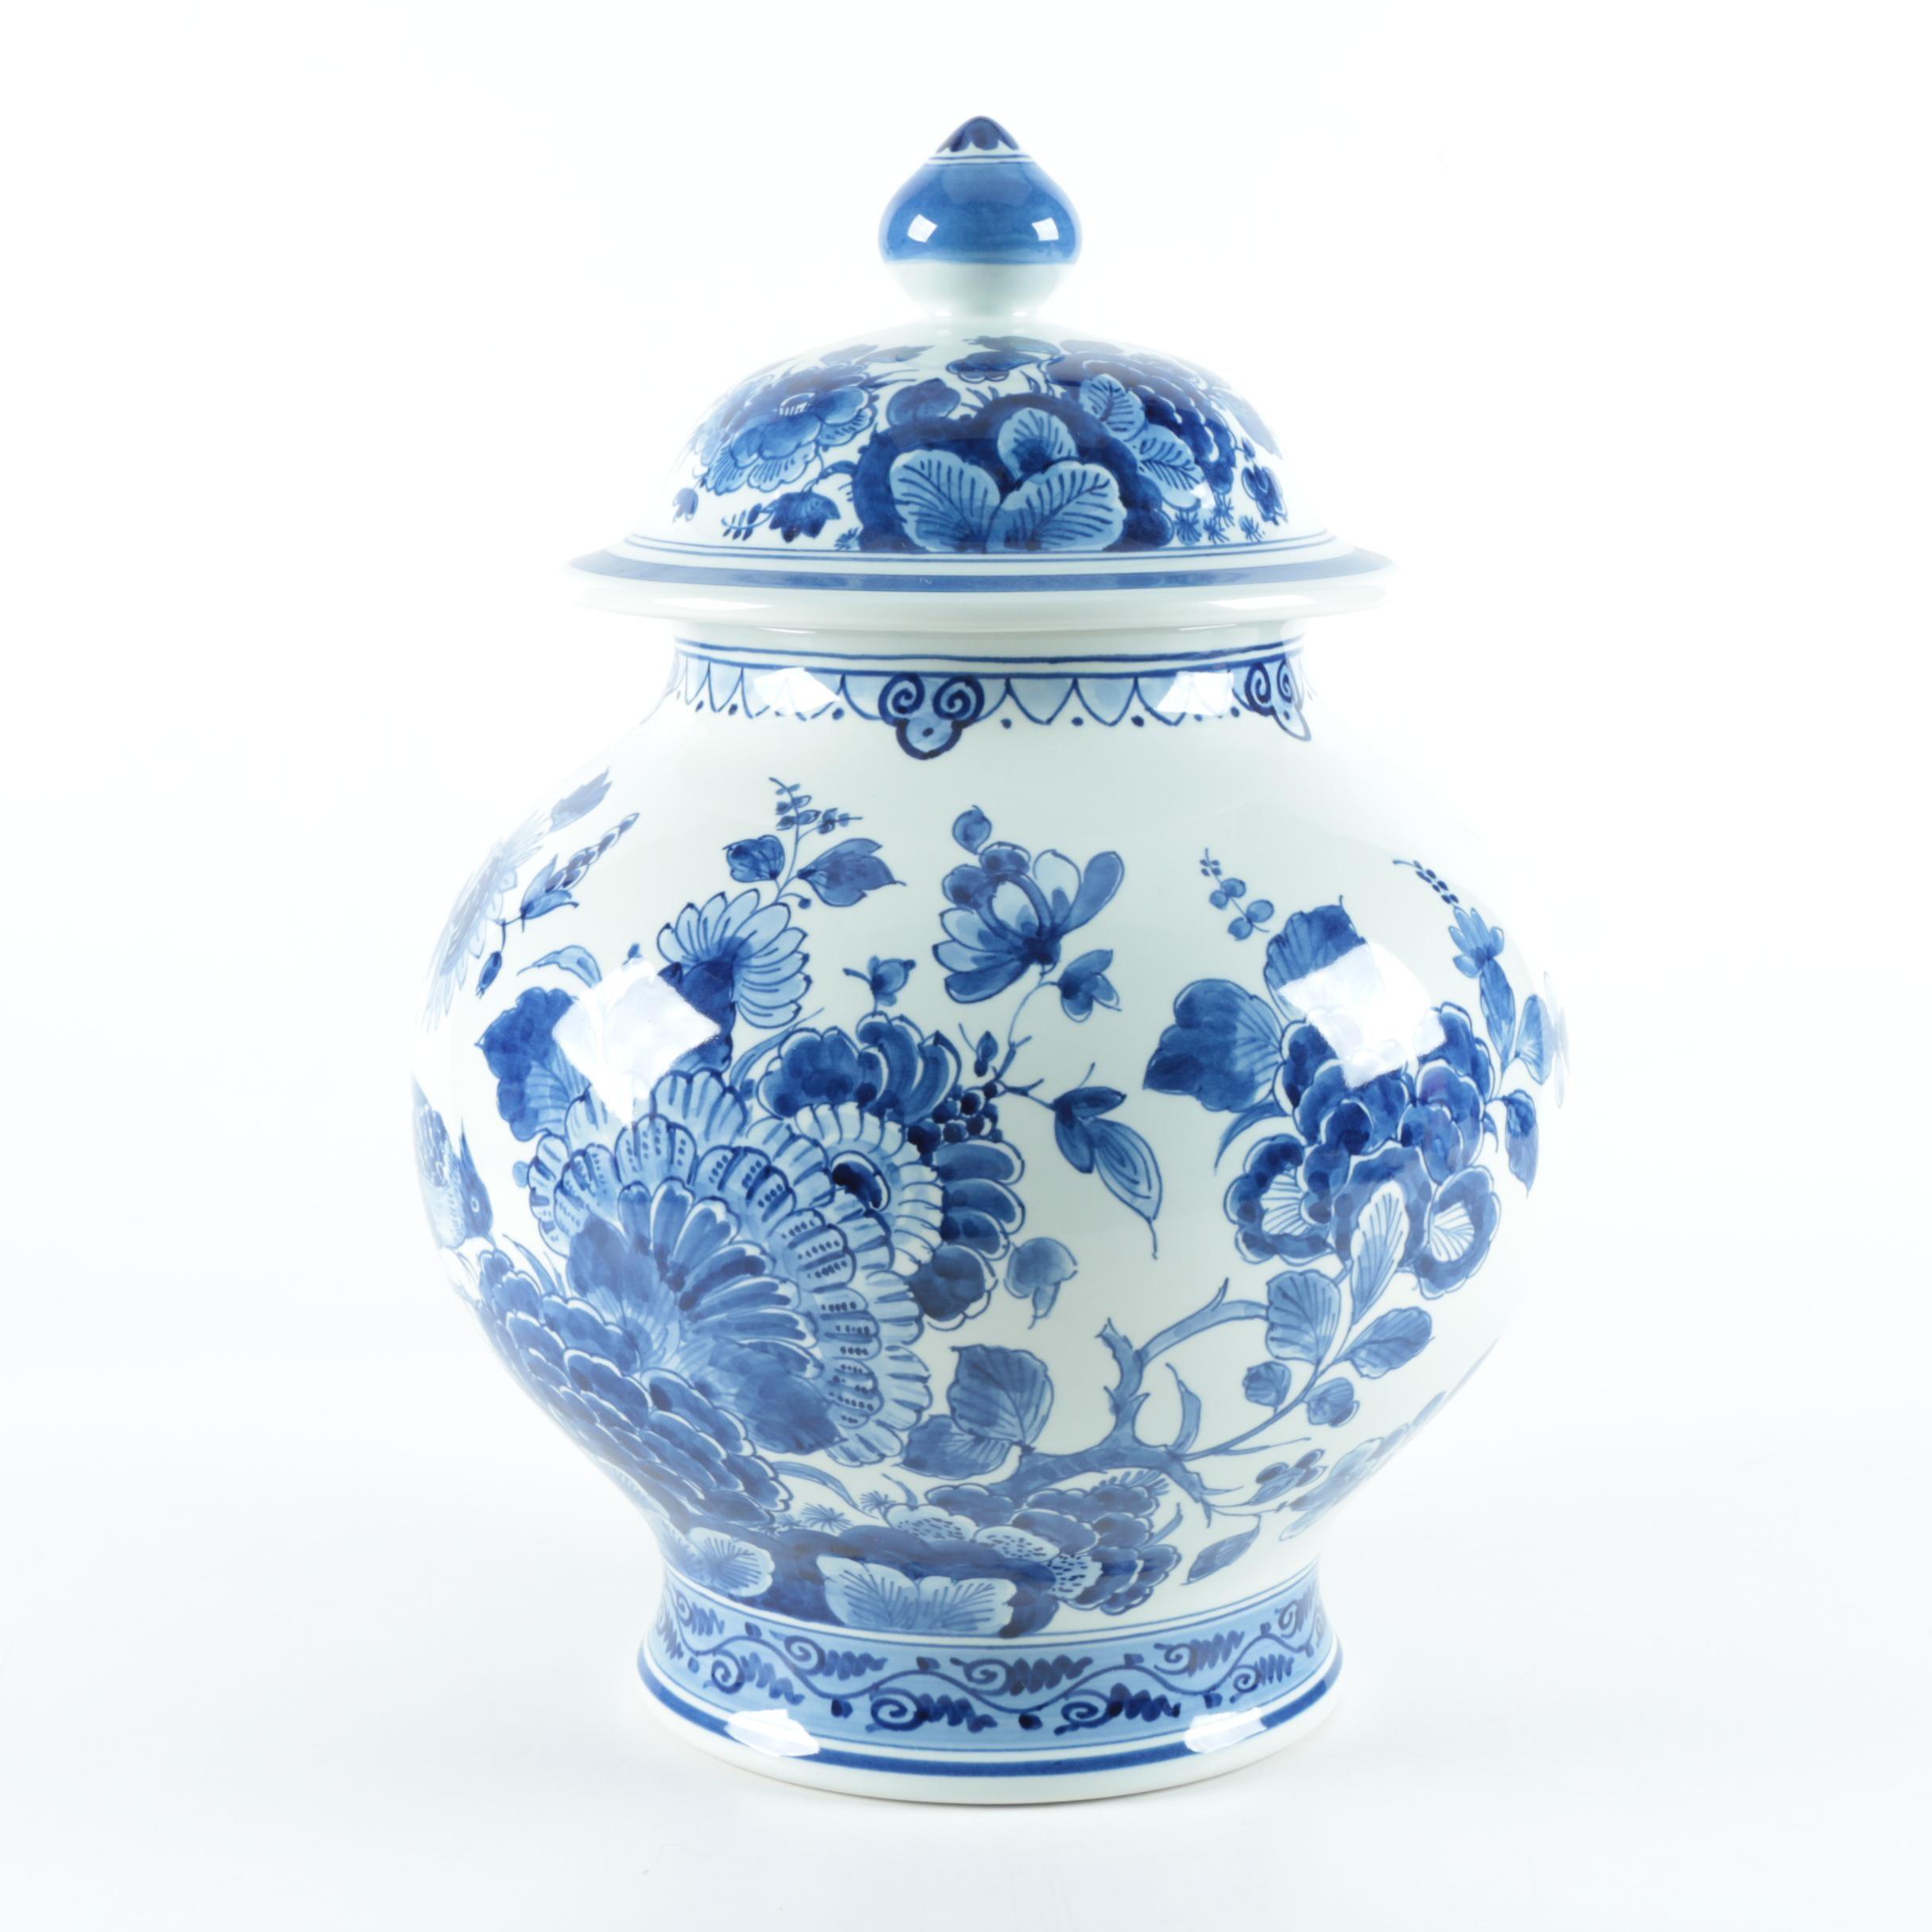 Vintage Royal Delft Earthenware Ginger Jar